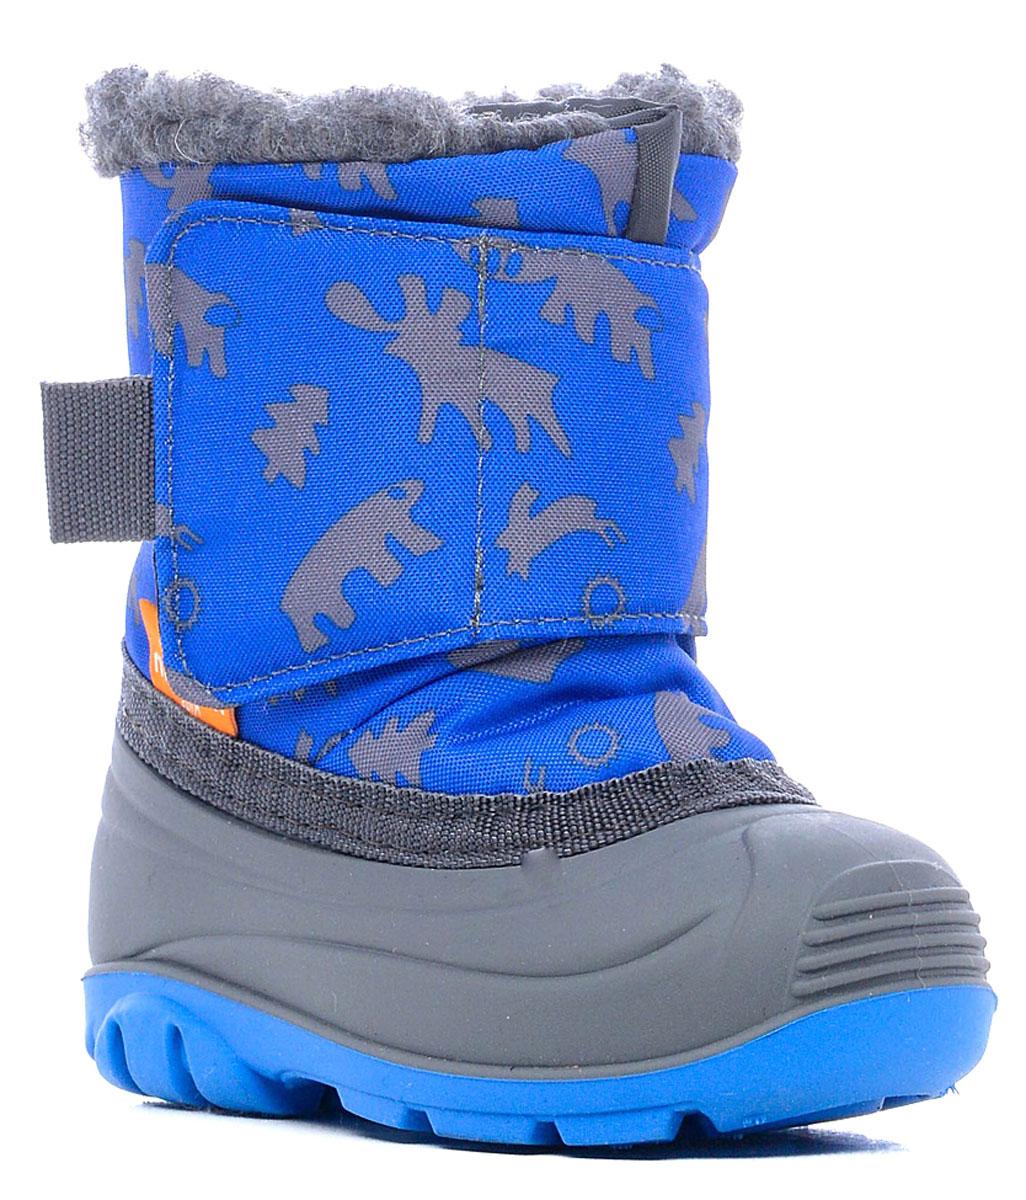 Дутики для мальчика Nordman, цвет: синий. 111006-04. Размер 26111006-04Детские сноубутсы Nordman защитят ножки малыша, когда на улице слякоть и снежная каша.Оптимально их носить при температуре от +5°С до -5°С. Нижняя часть полностью водонепроницаемая, верхняя - из ткани с водоотталкивающей пропиткой. Внутри - теплый мех и мягкая войлочная стелька. У сапожек удобная широкая липучка. Подошва с рифлением обеспечивает идеальное сцепление с разными поверхностями.